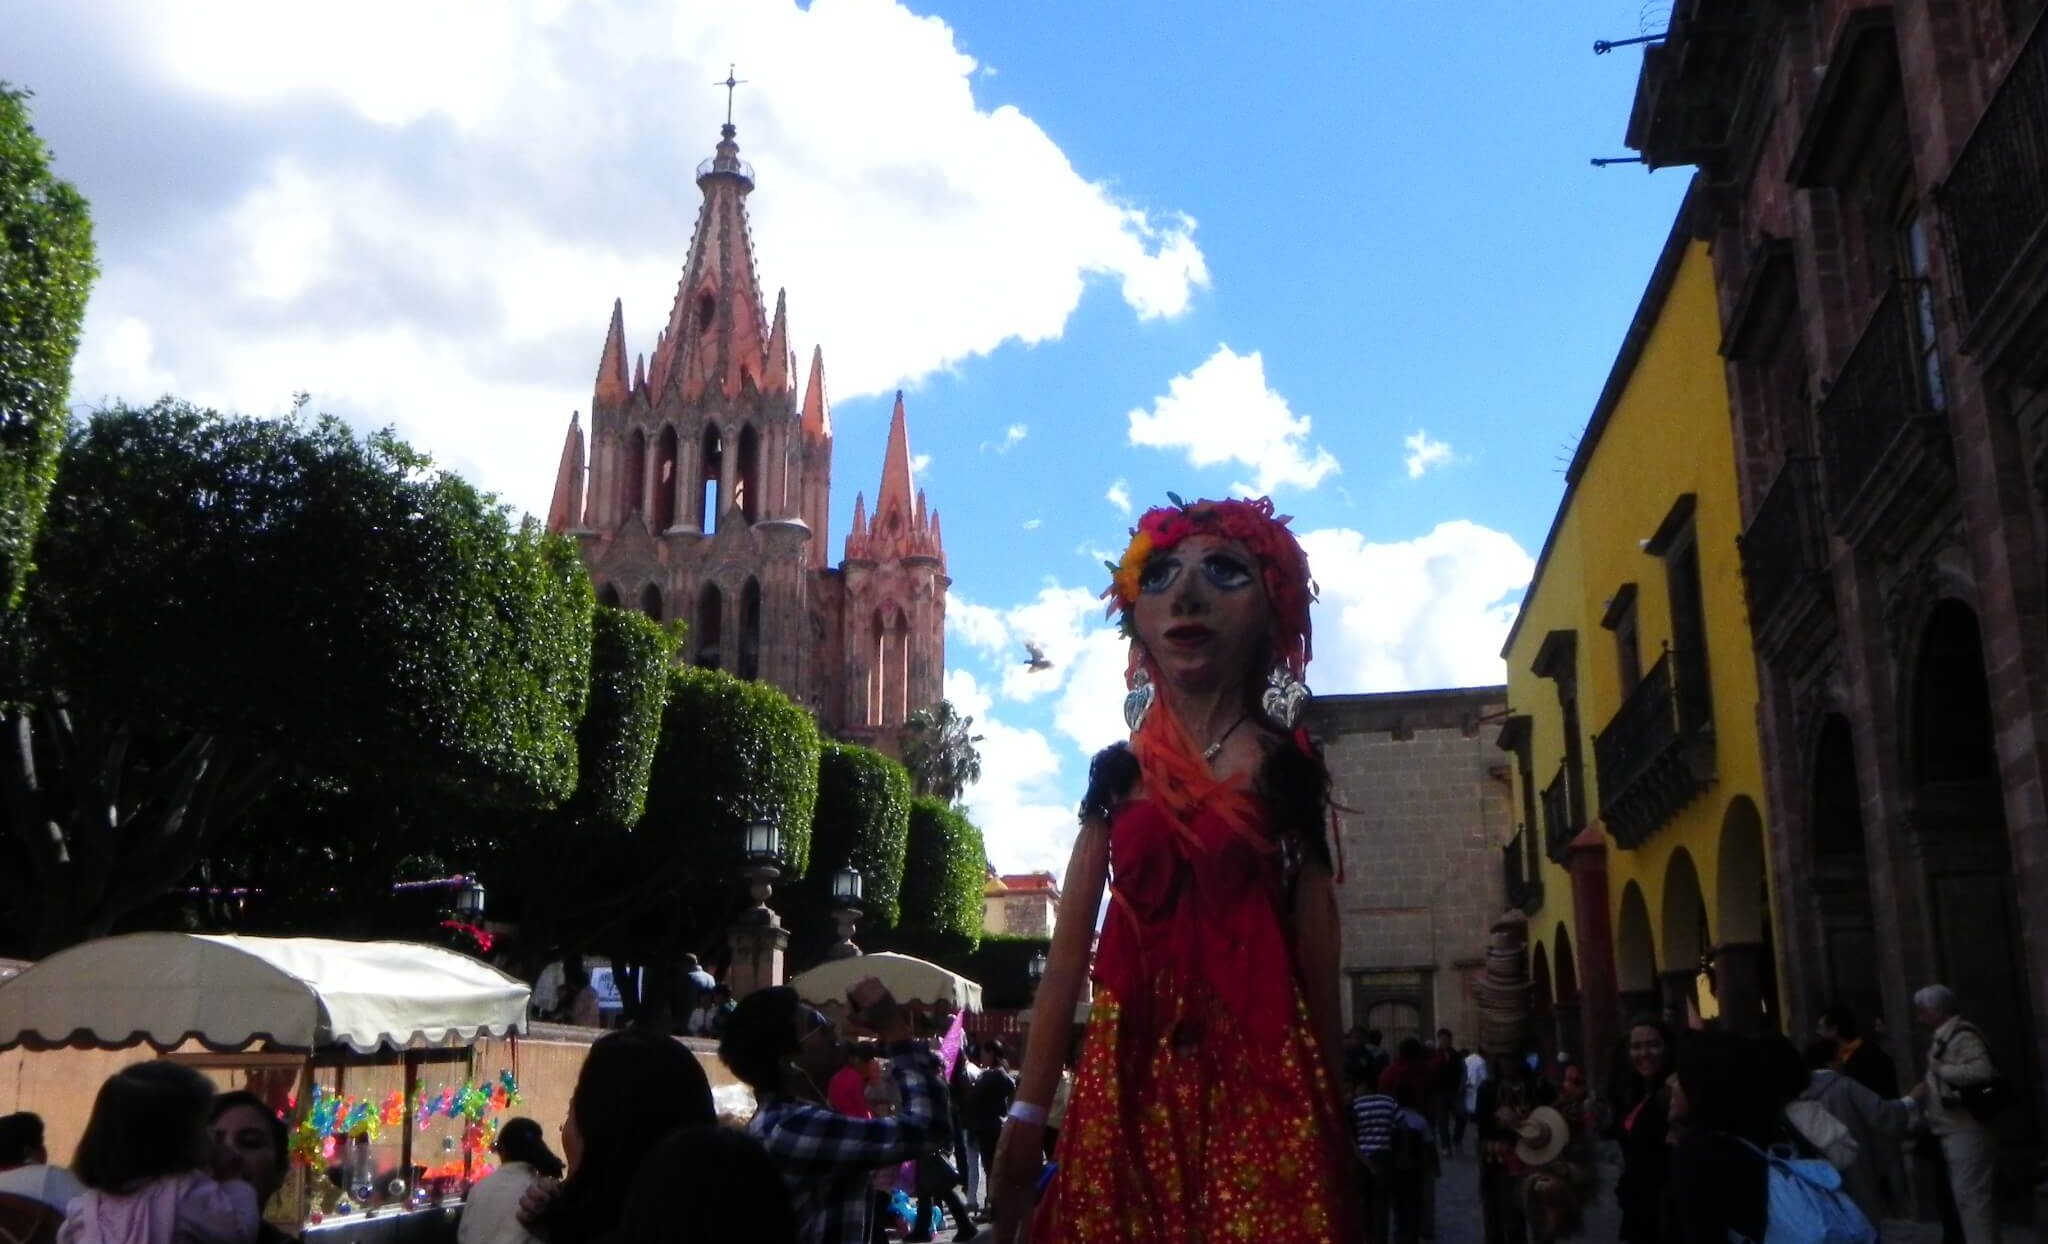 Puentes Para Visitar San Miguel de Allende en 2017